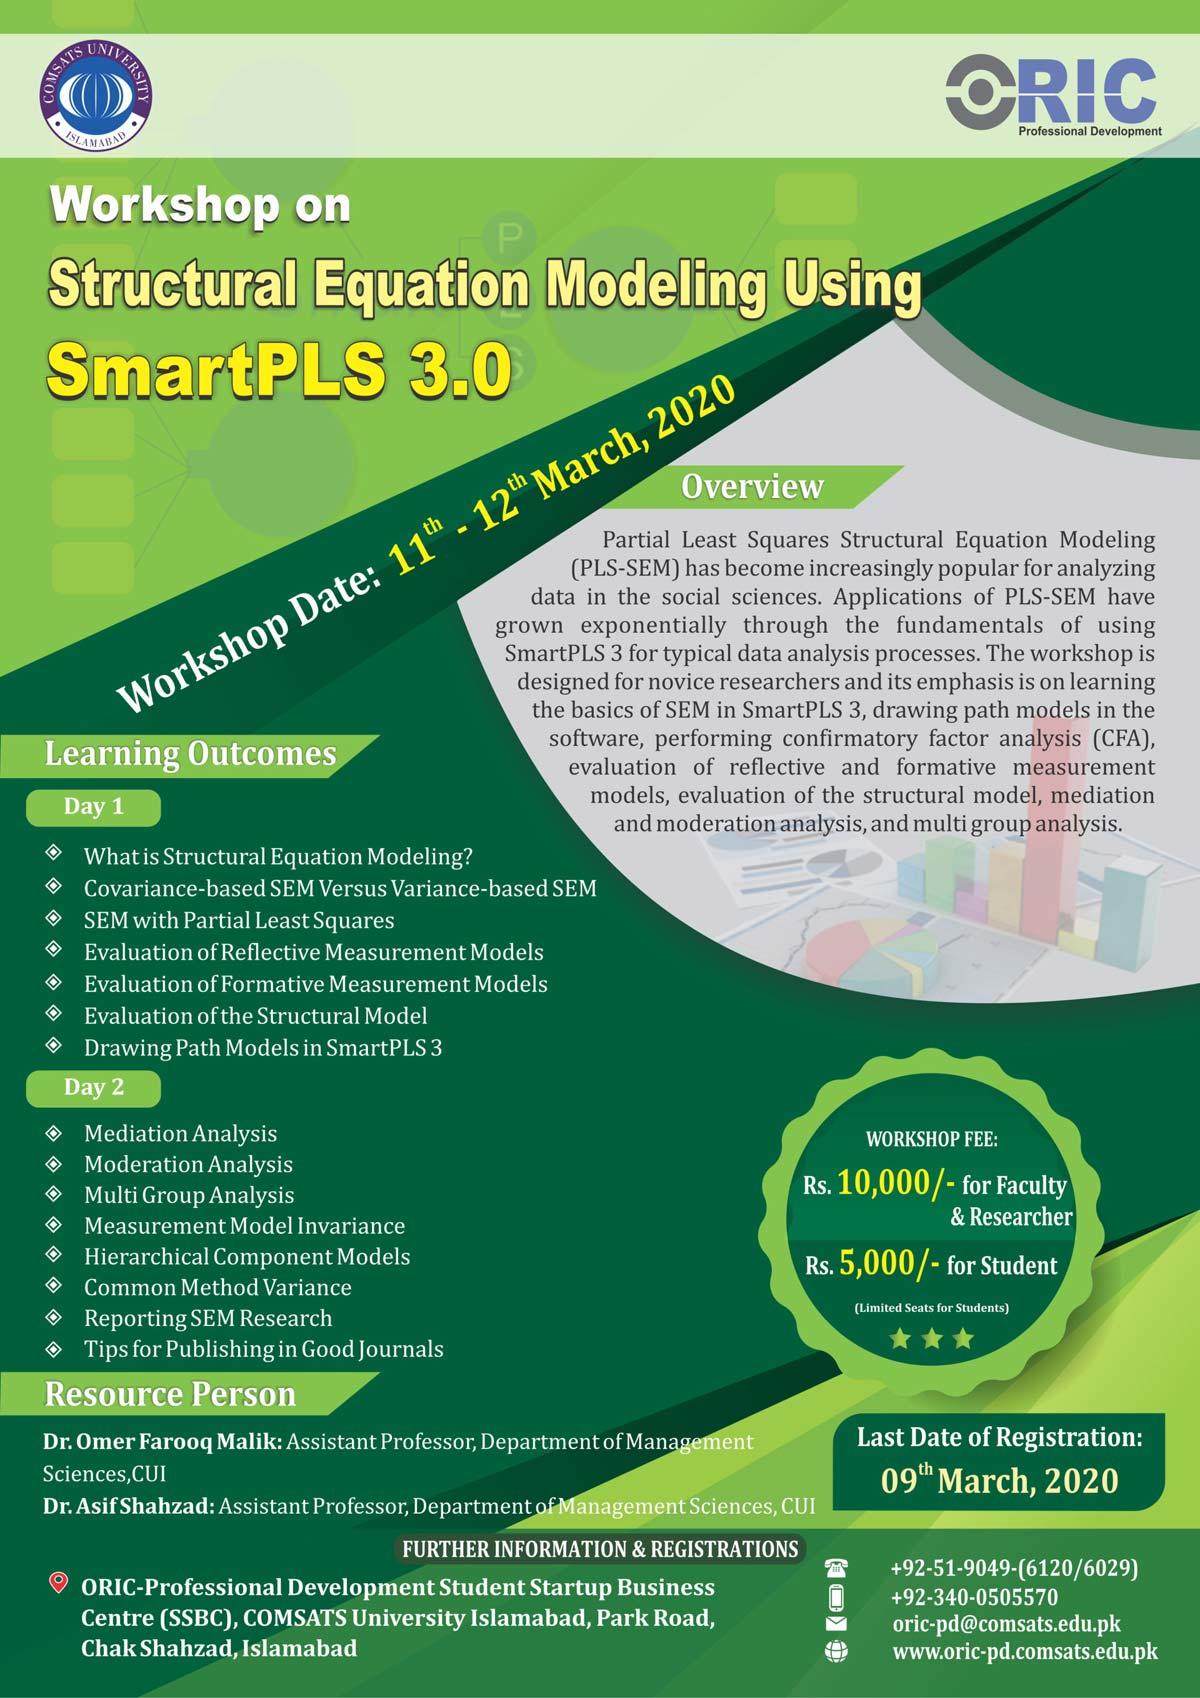 Workshop on Structural Equation Modeling using SmartPLS 3.0